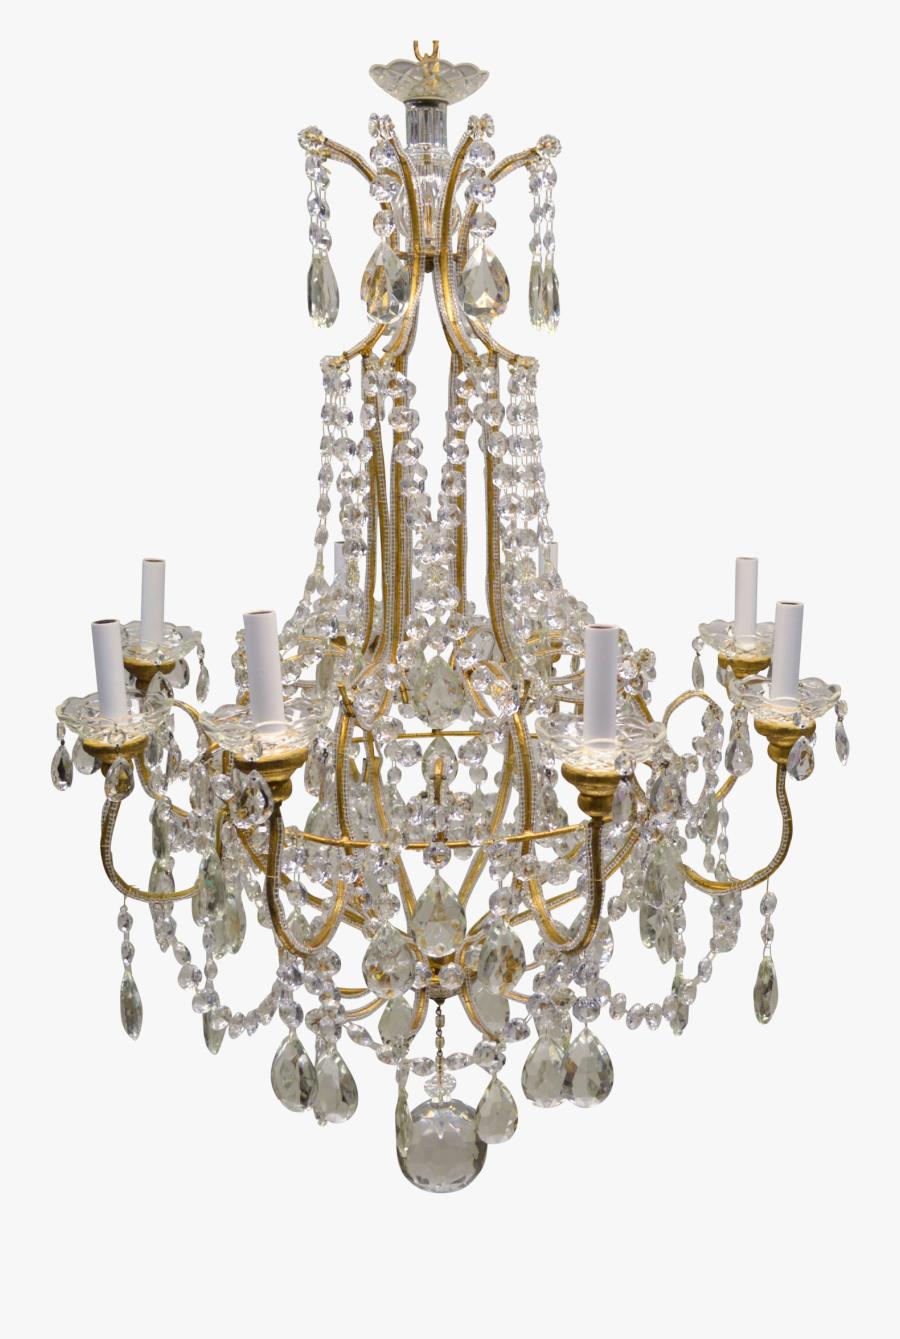 Chandelier Png Image - Vintage German Crystal Light Chandelier, Transparent Clipart